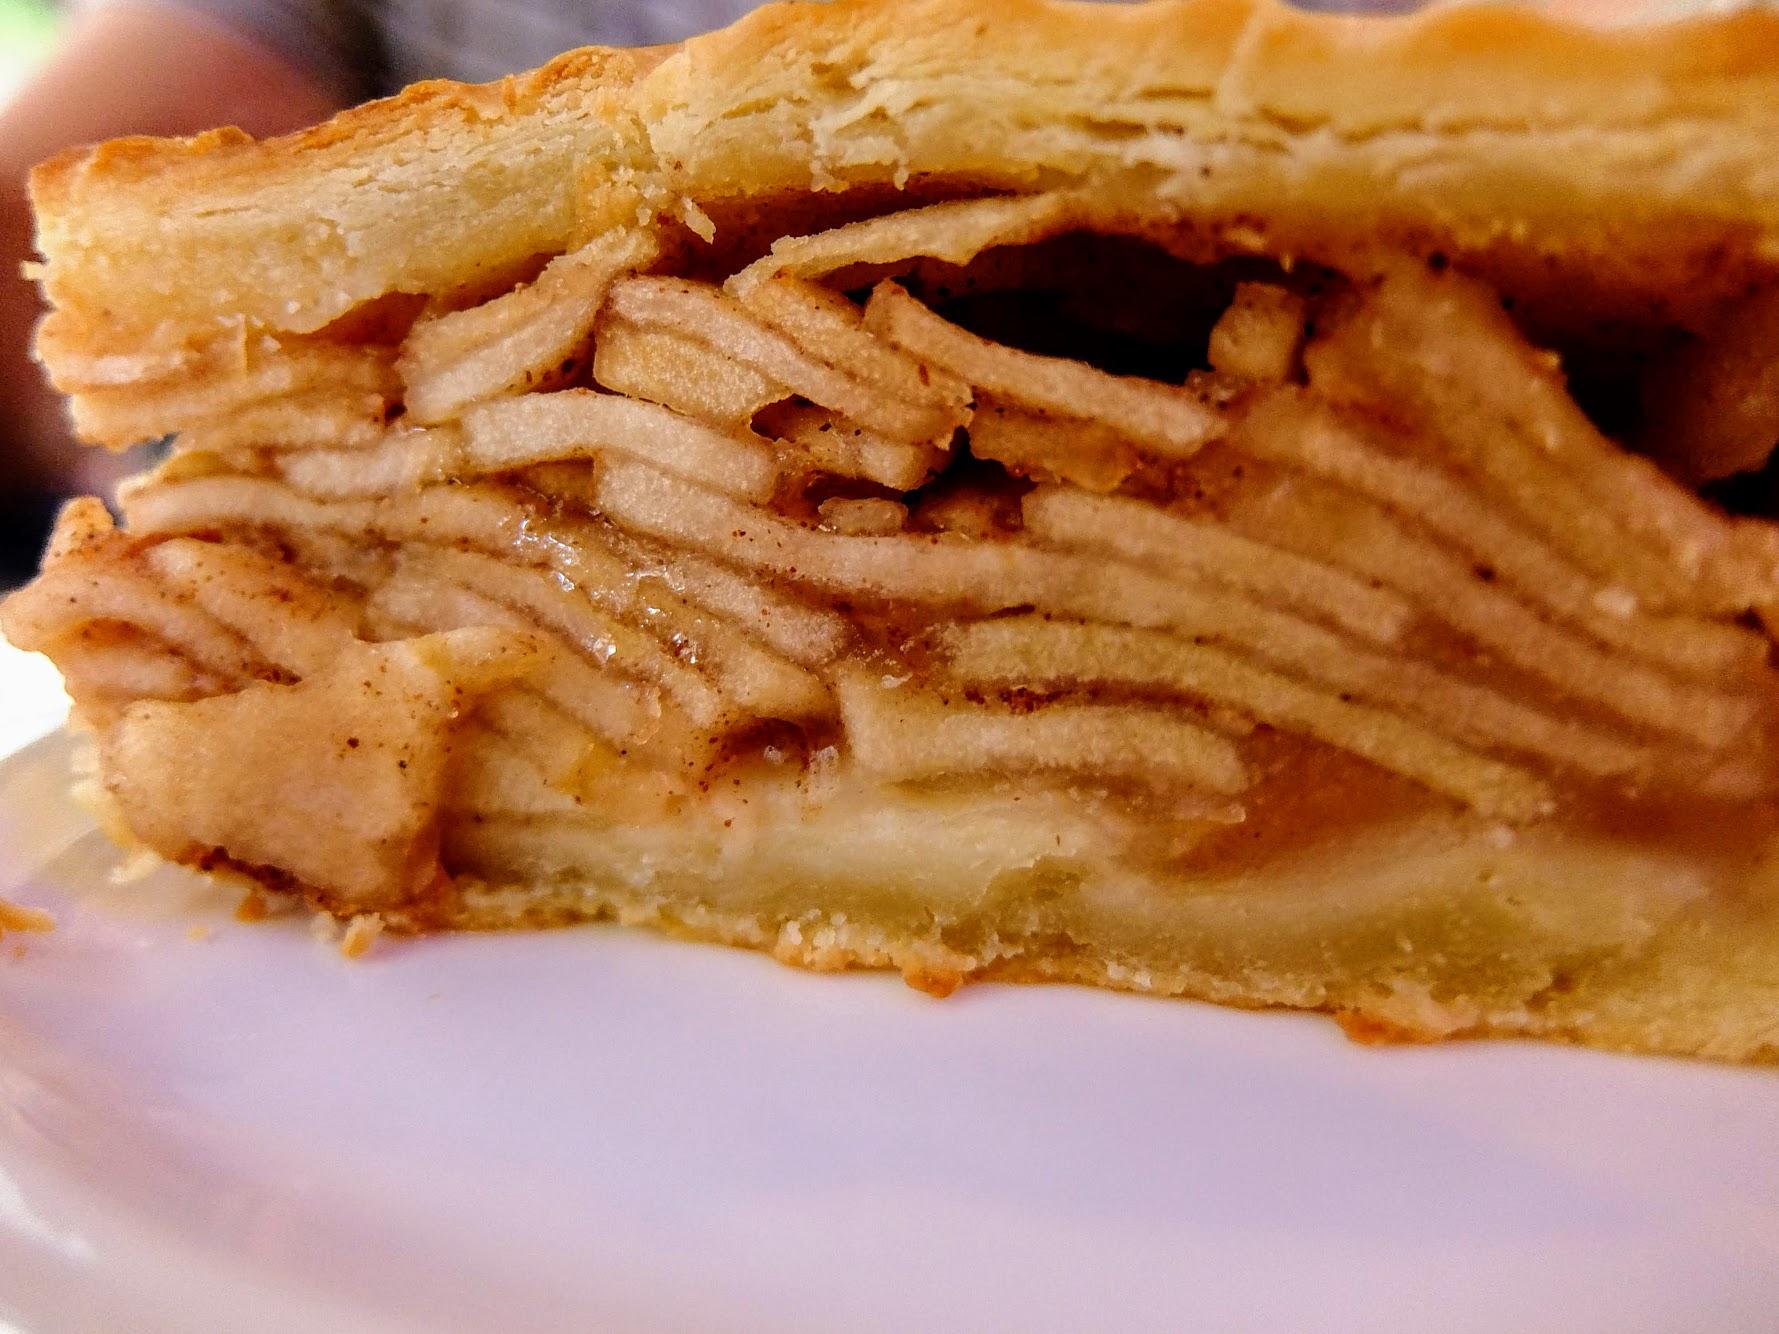 餅皮部分很厚扎實,內餡不馬虎,切片蘋果和肉桂一起,很香又甜